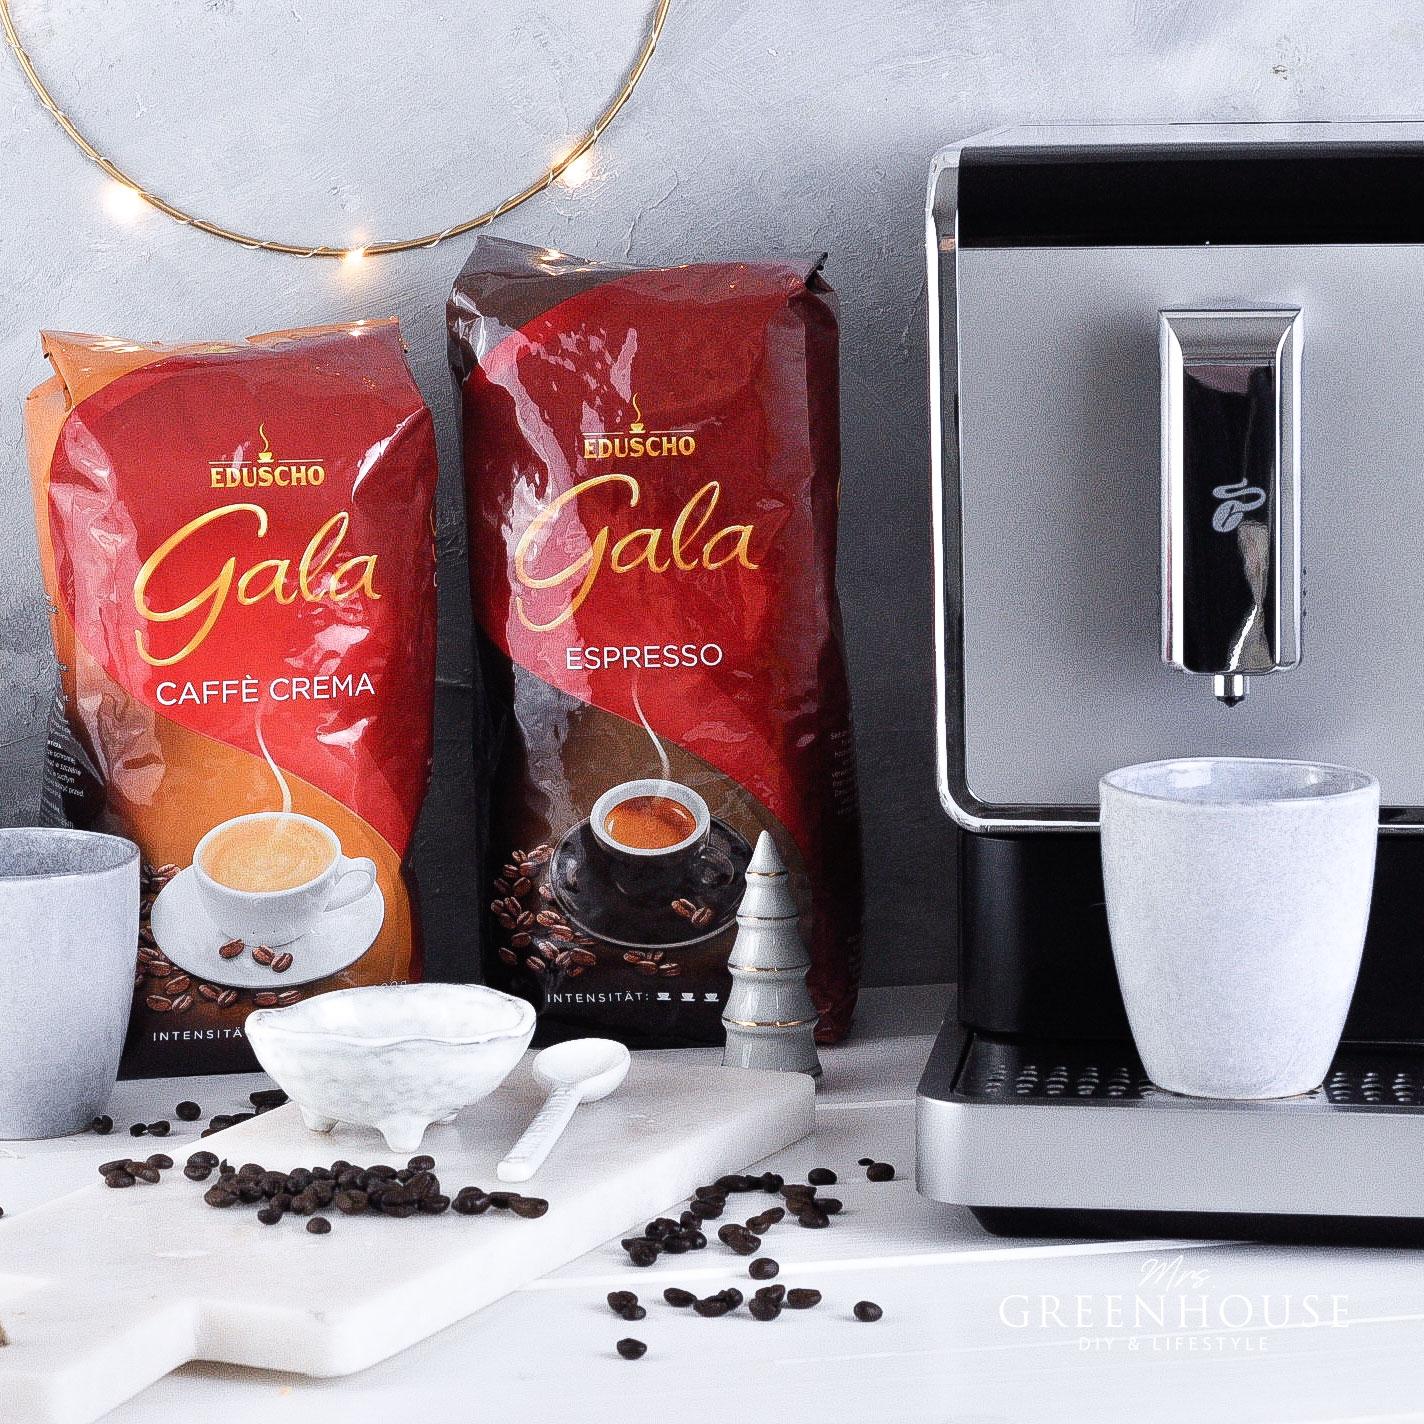 gala von Eduscho Kaffee-Karamell